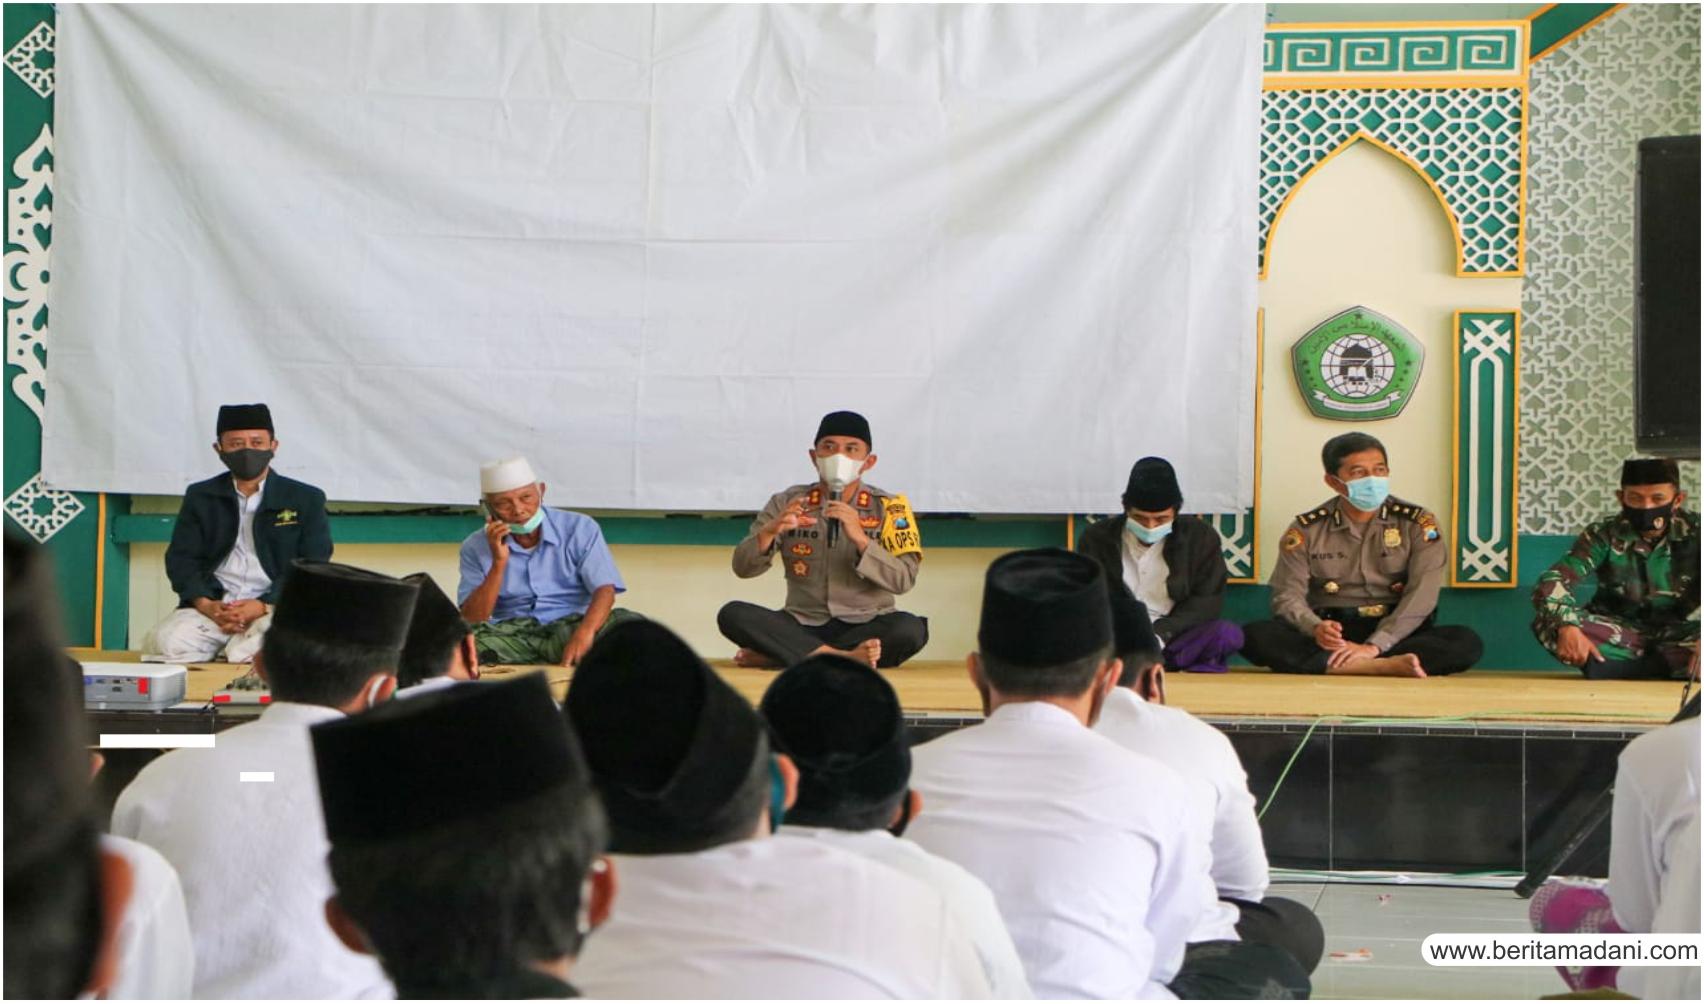 Hari Santri 2020 Kapolres Kediri Kota Lakukan Silaturahmi di Ponpes Al-Amin Rejomulyo